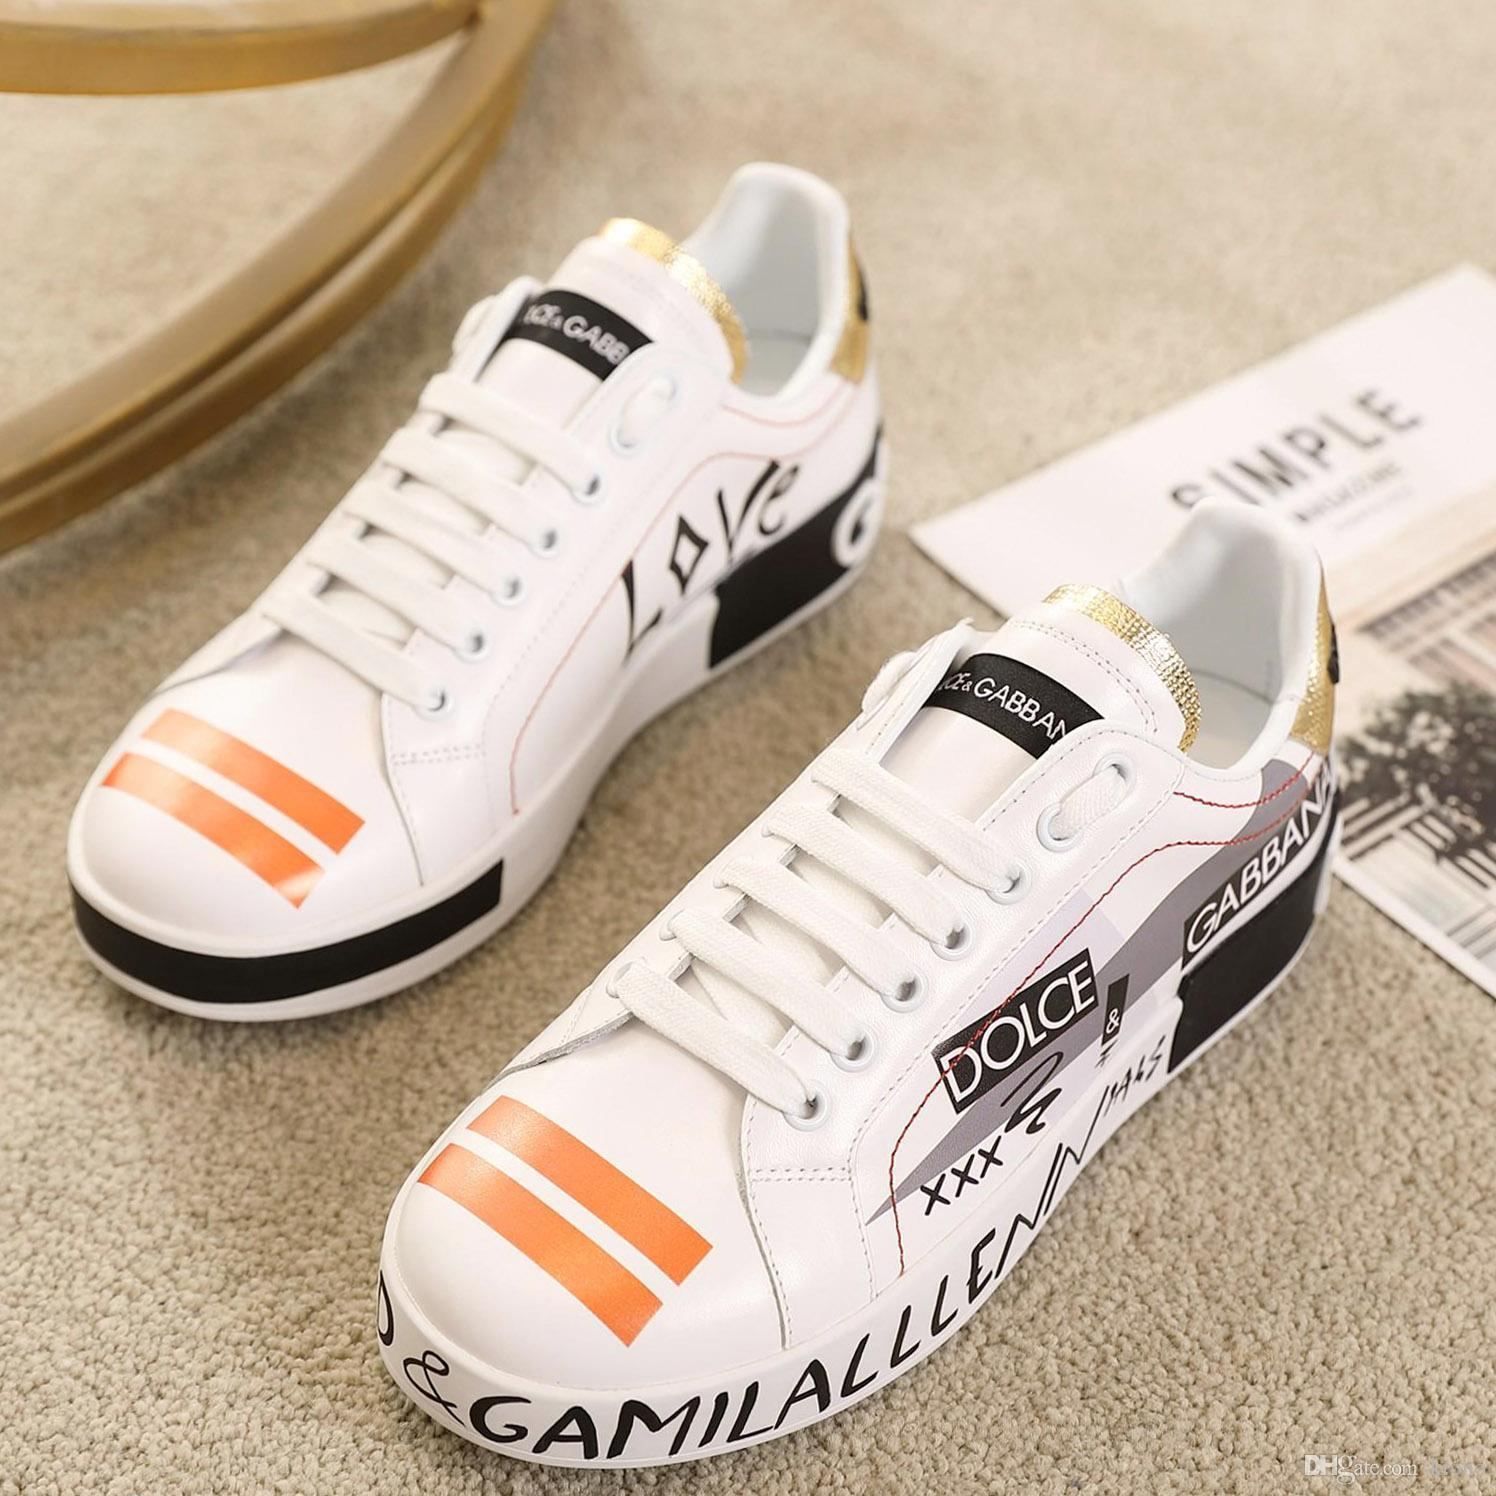 qualidade limitada Top couro Mens sapatos casuais, Plataformas Imprimir padrão par sapatos de moda personalidade selvagem sapatos desportivos Tamanho: 35-45 0036